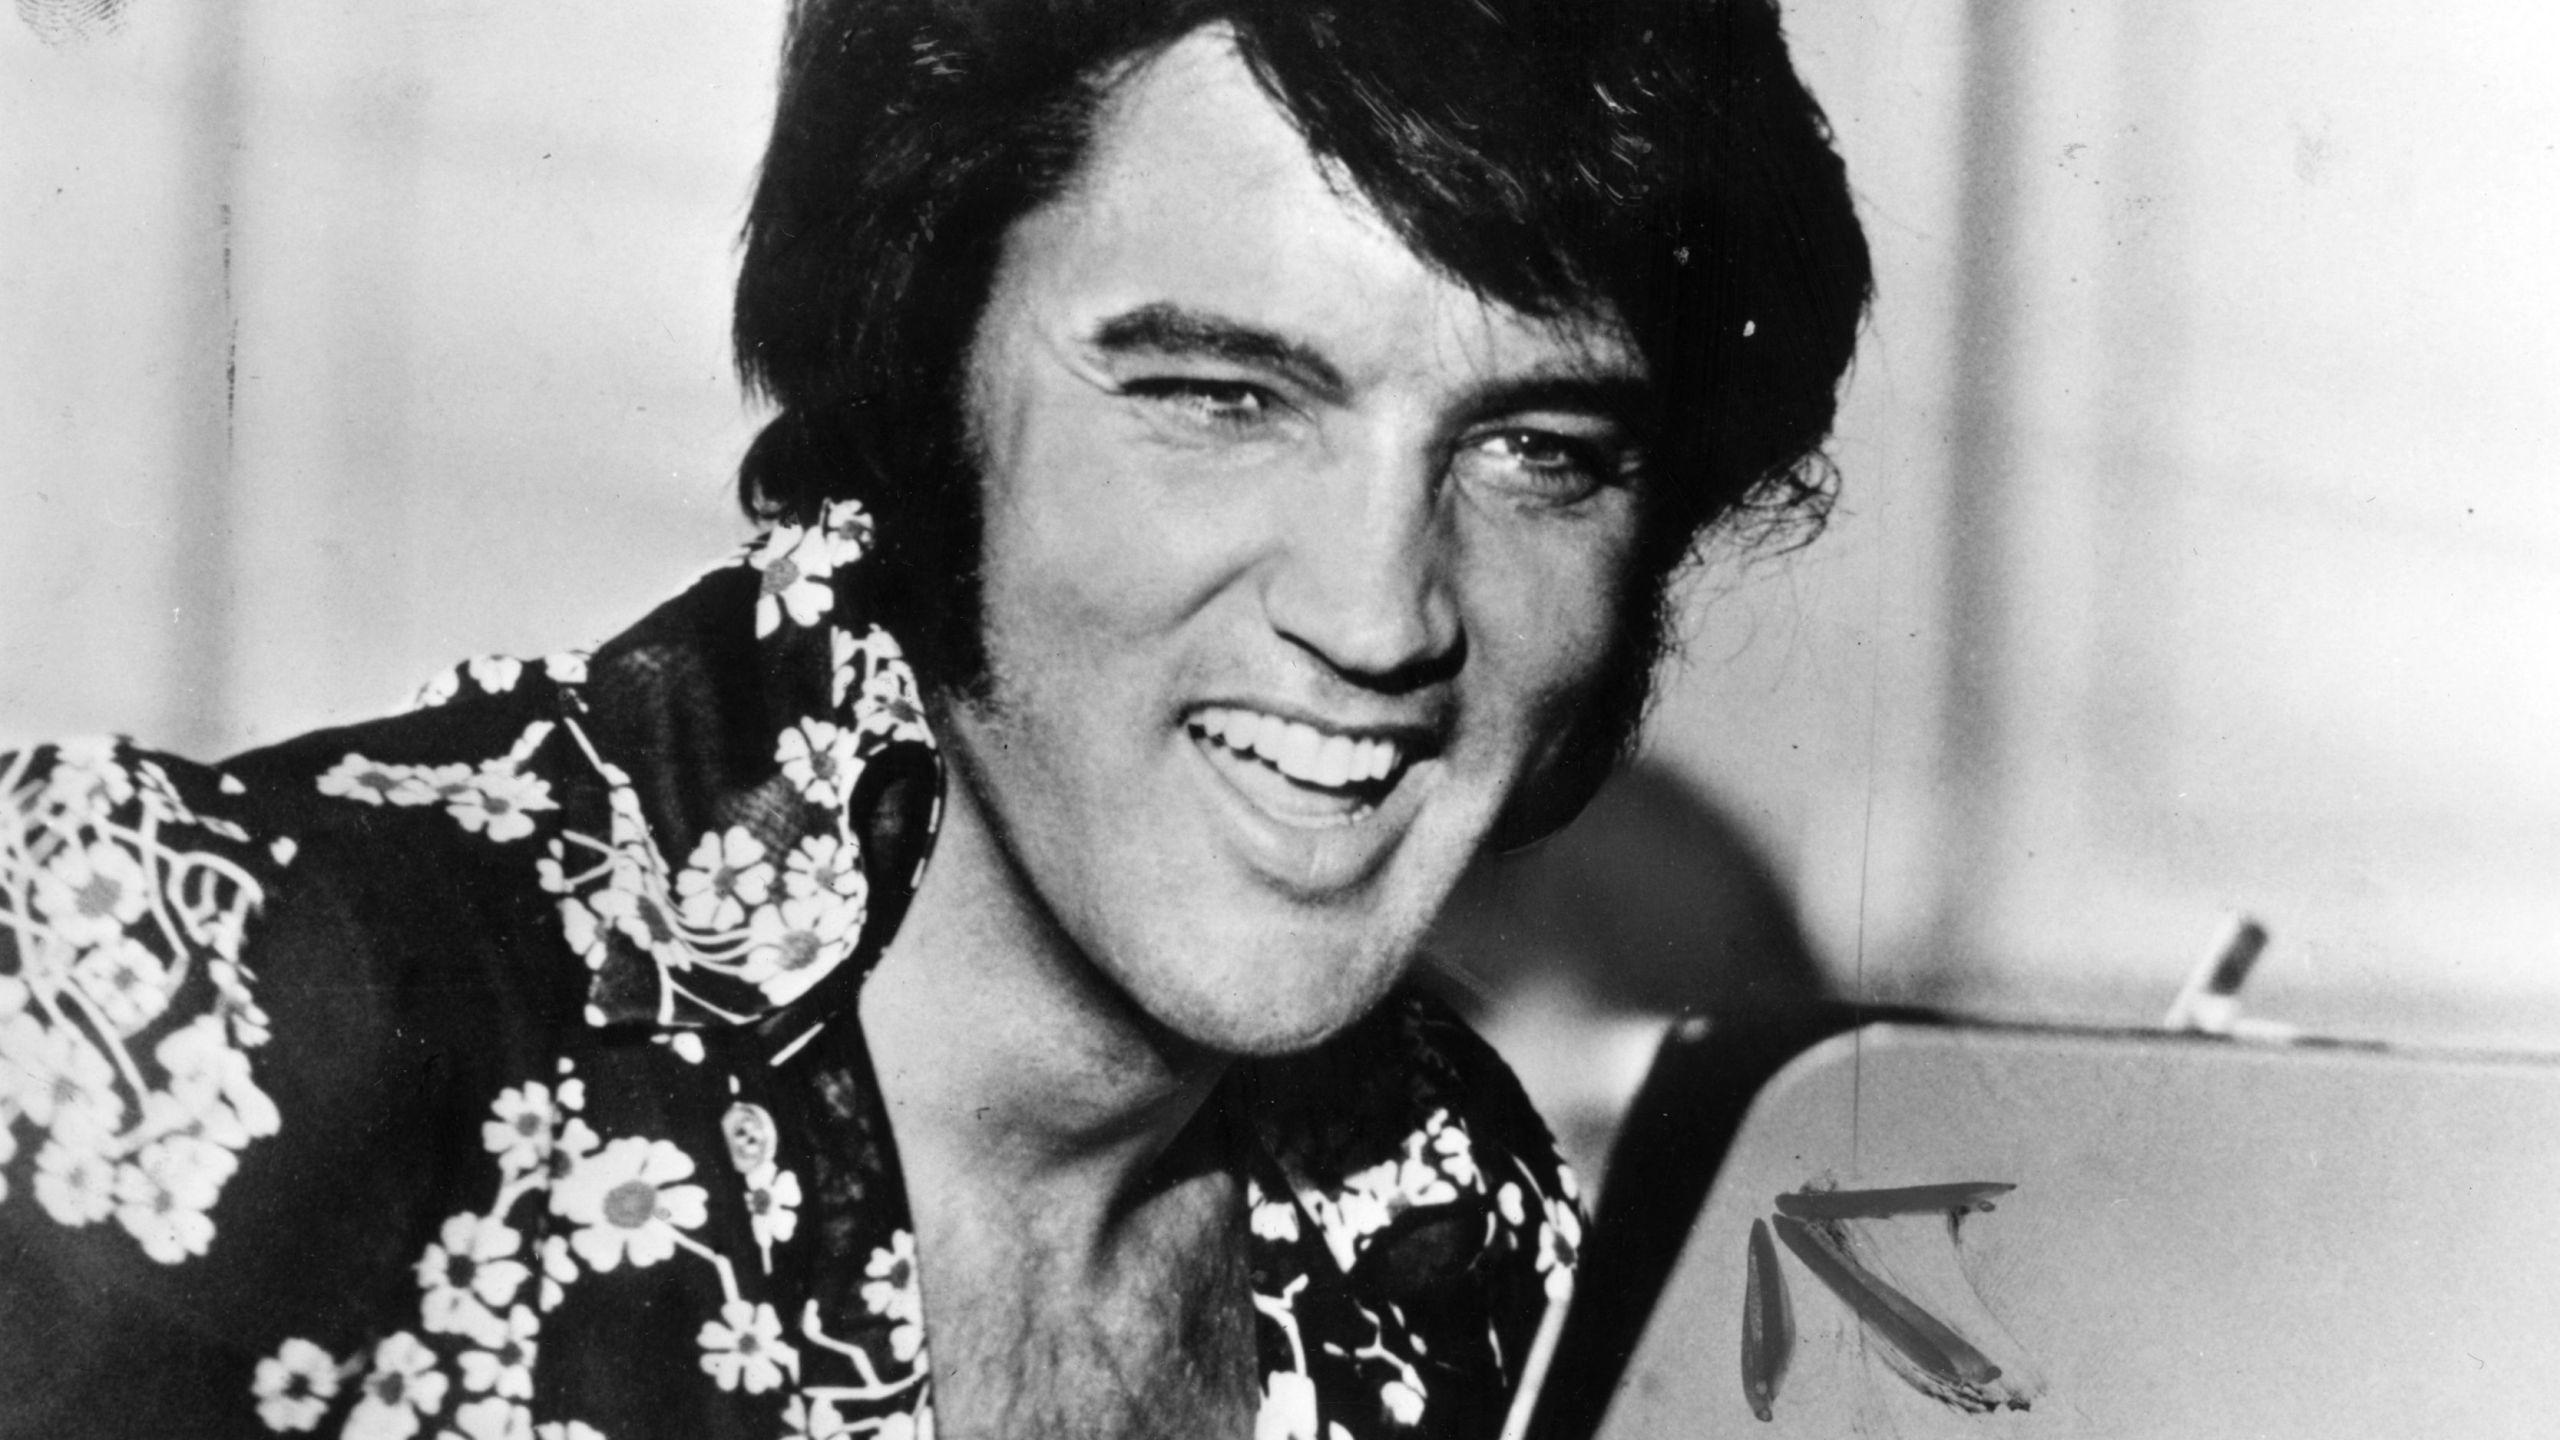 Elvis Presley laughing